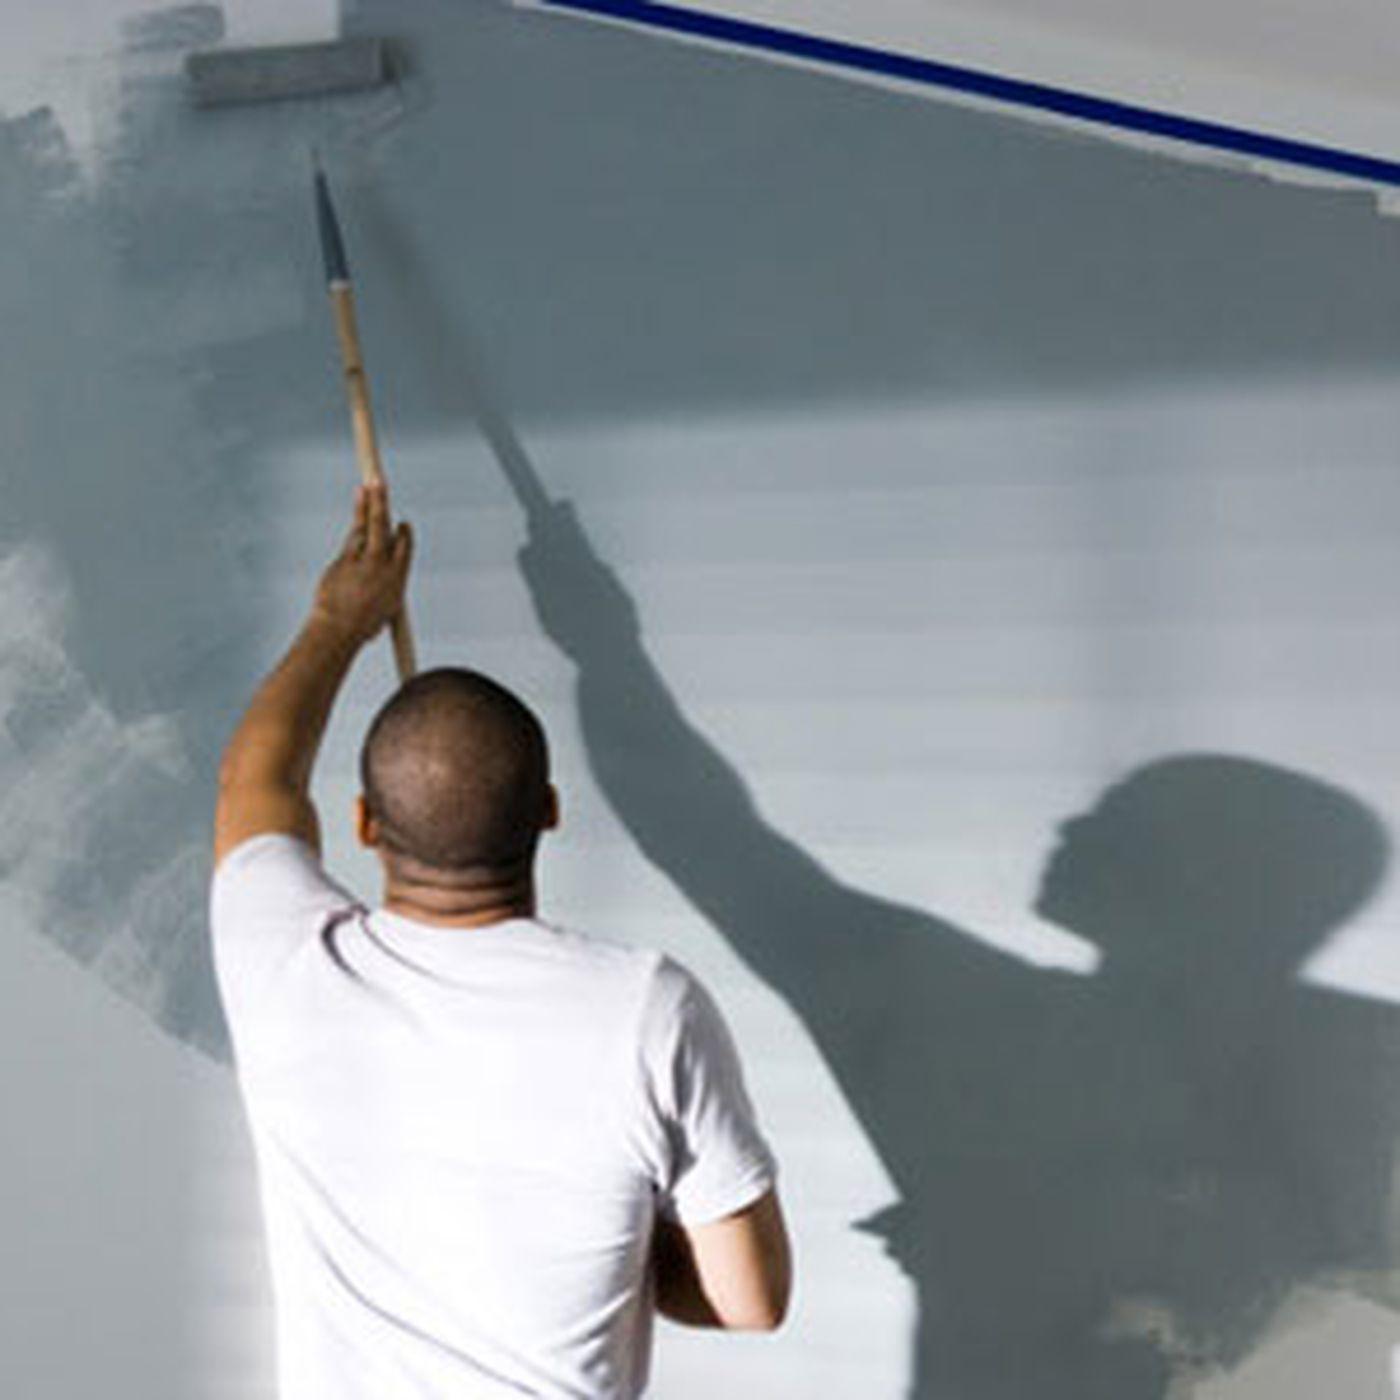 Bông thủy tinh lọc bụi phòng sơn là gì?